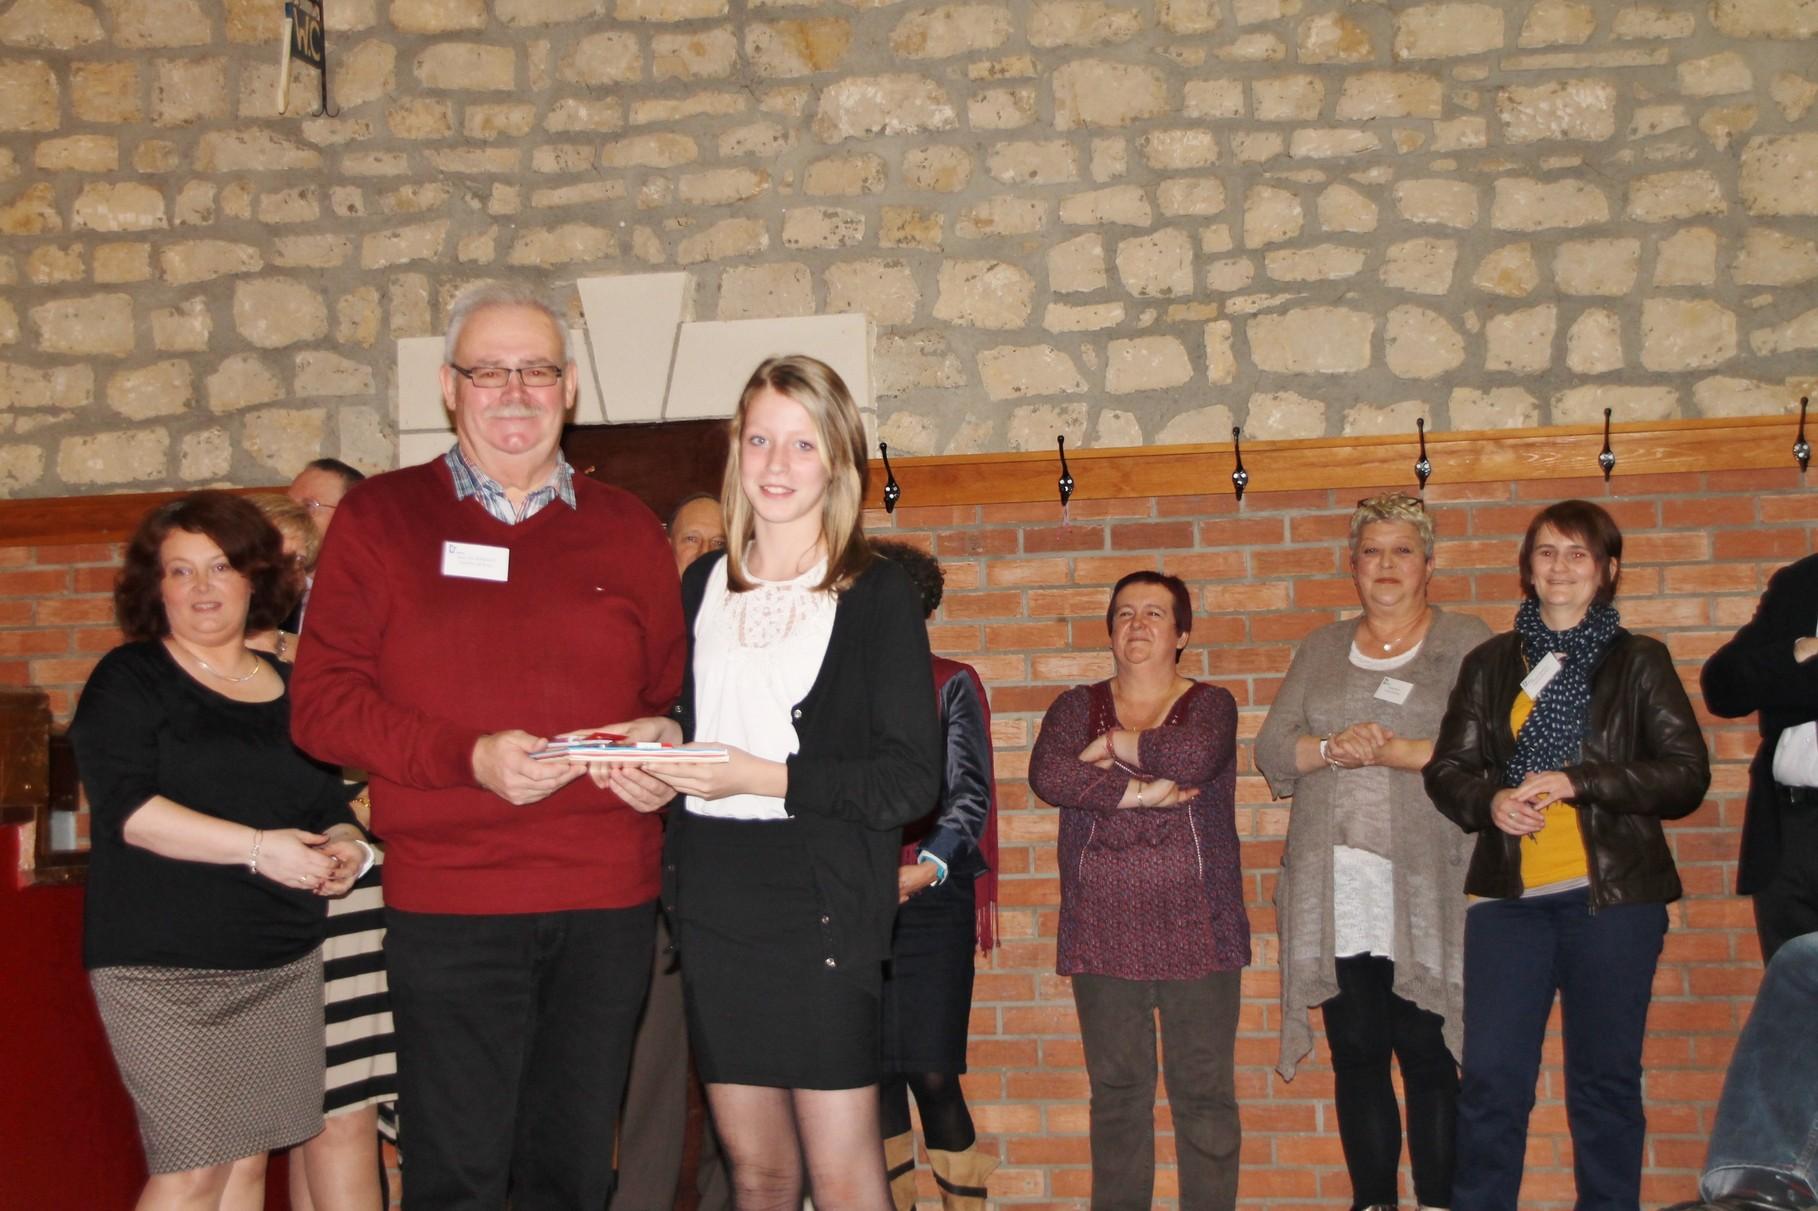 12ème prix remis par Jean-Pol Poncelet - Membre de la LIR Arlon